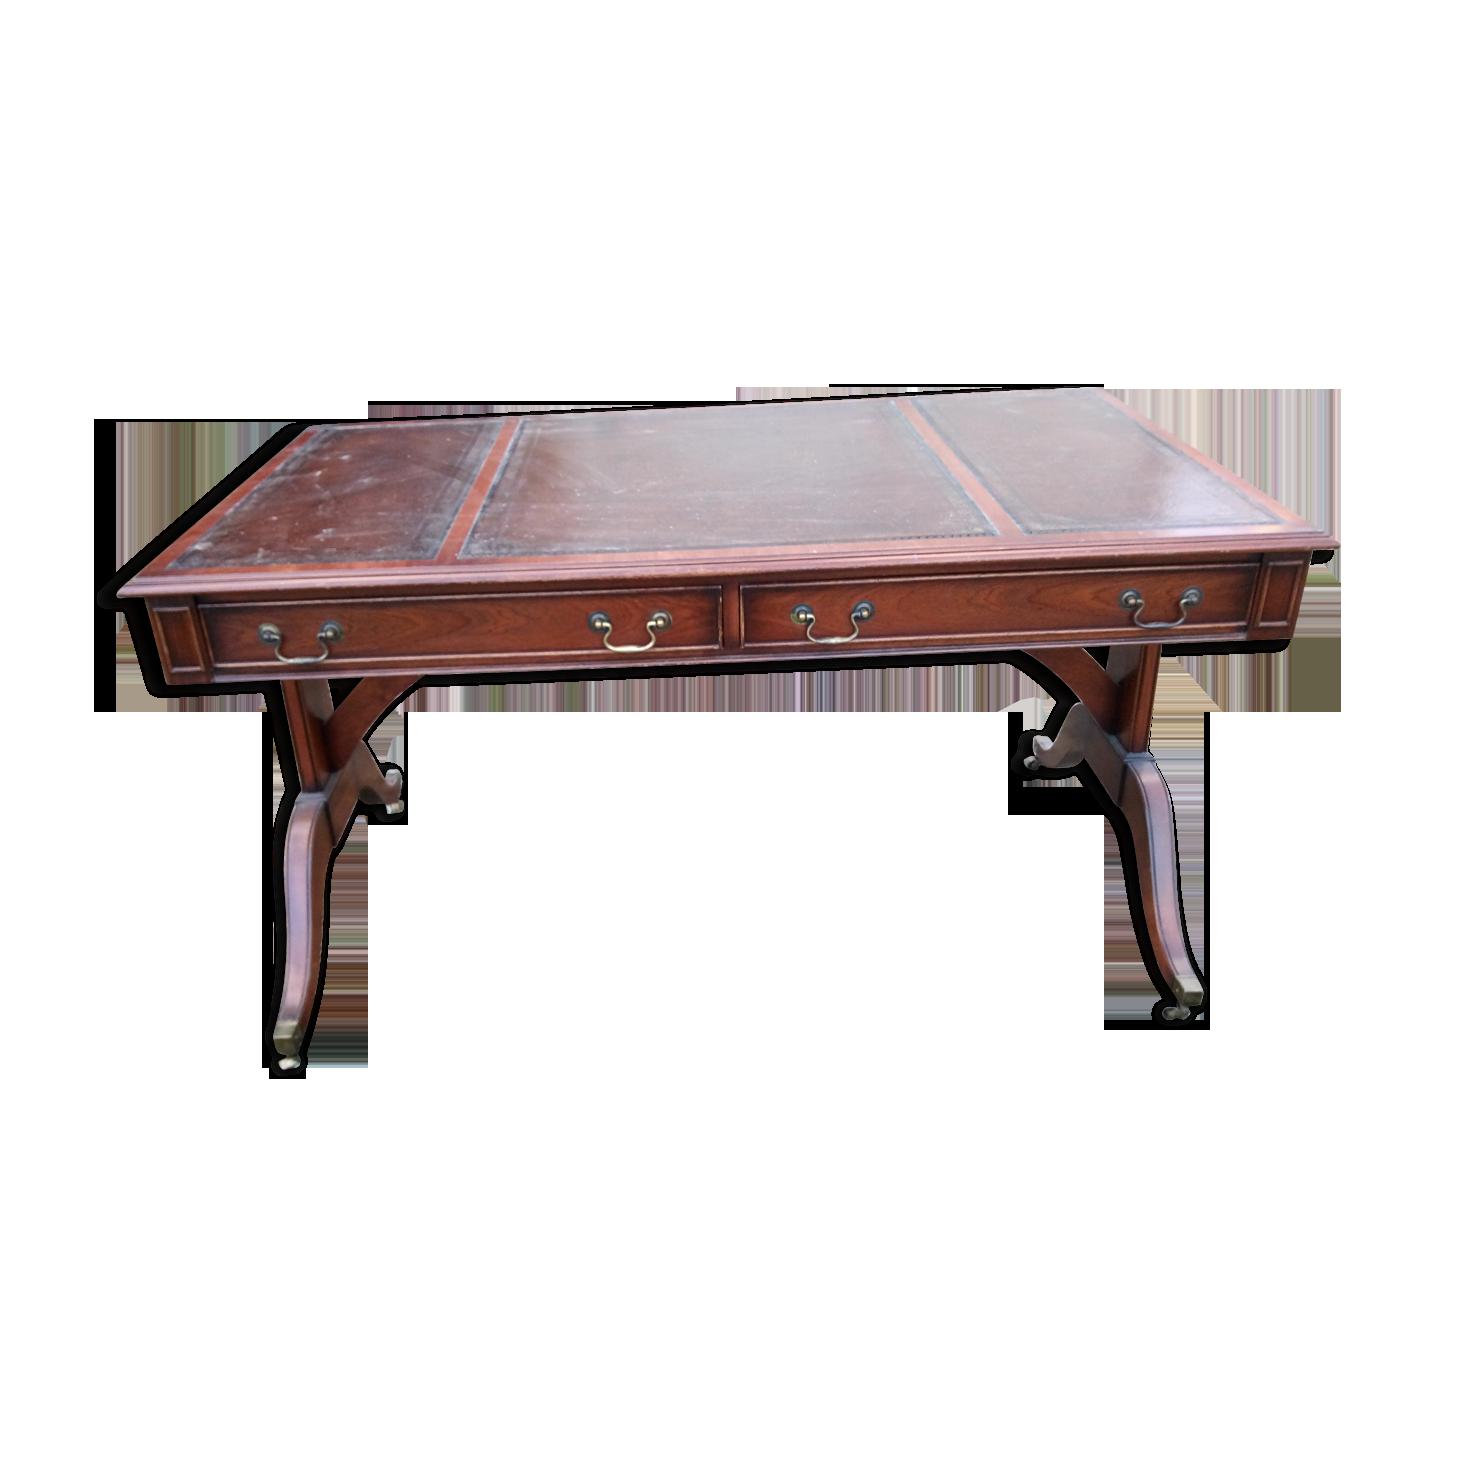 Bureau anglais bois matériau bois couleur classique